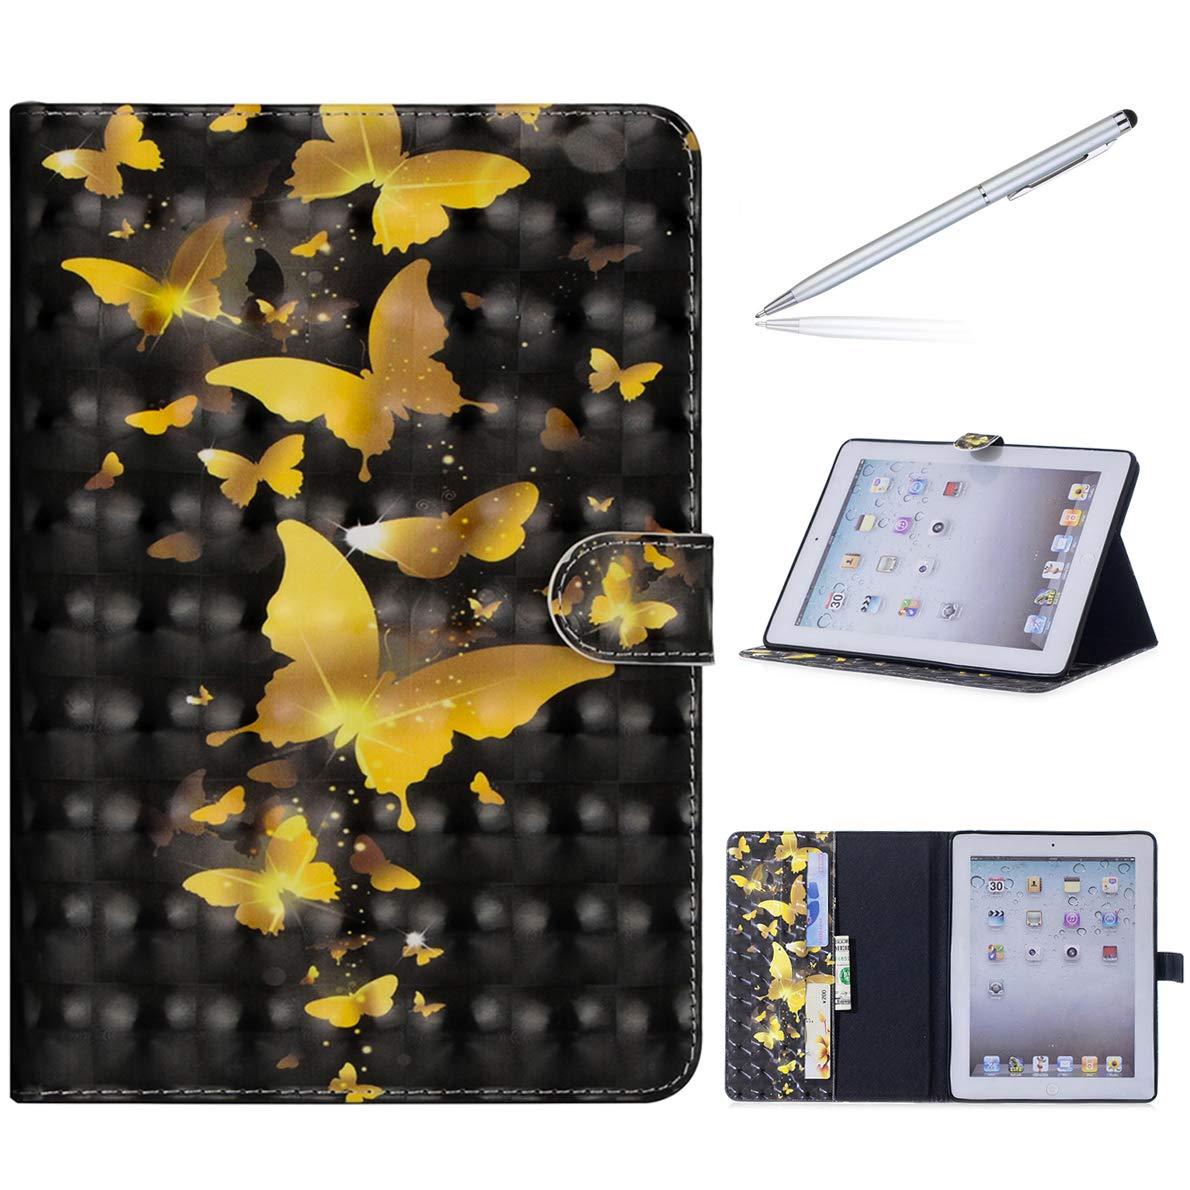 iPad 2/3 / 4 Hülle, SHUYIT Farbe Muster PU Leder Tasche Flip Ständer Case Cover Handyhülle Schutzhülle für Apple iPad 2/3 / 4 Etui Lederhülle mit Auto Einschlafen/Aufwachen + 1*Stylus iPad 2/3 / 4 Hülle